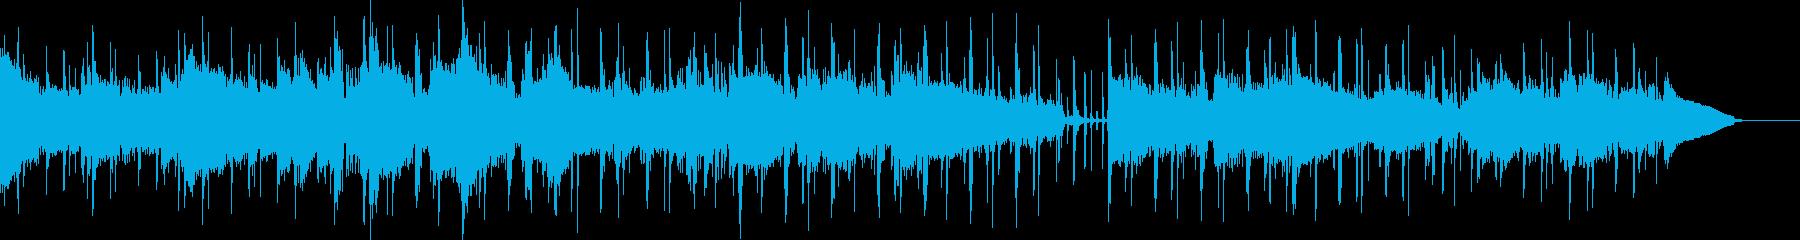 西海岸のchillで洗練されたbeatの再生済みの波形